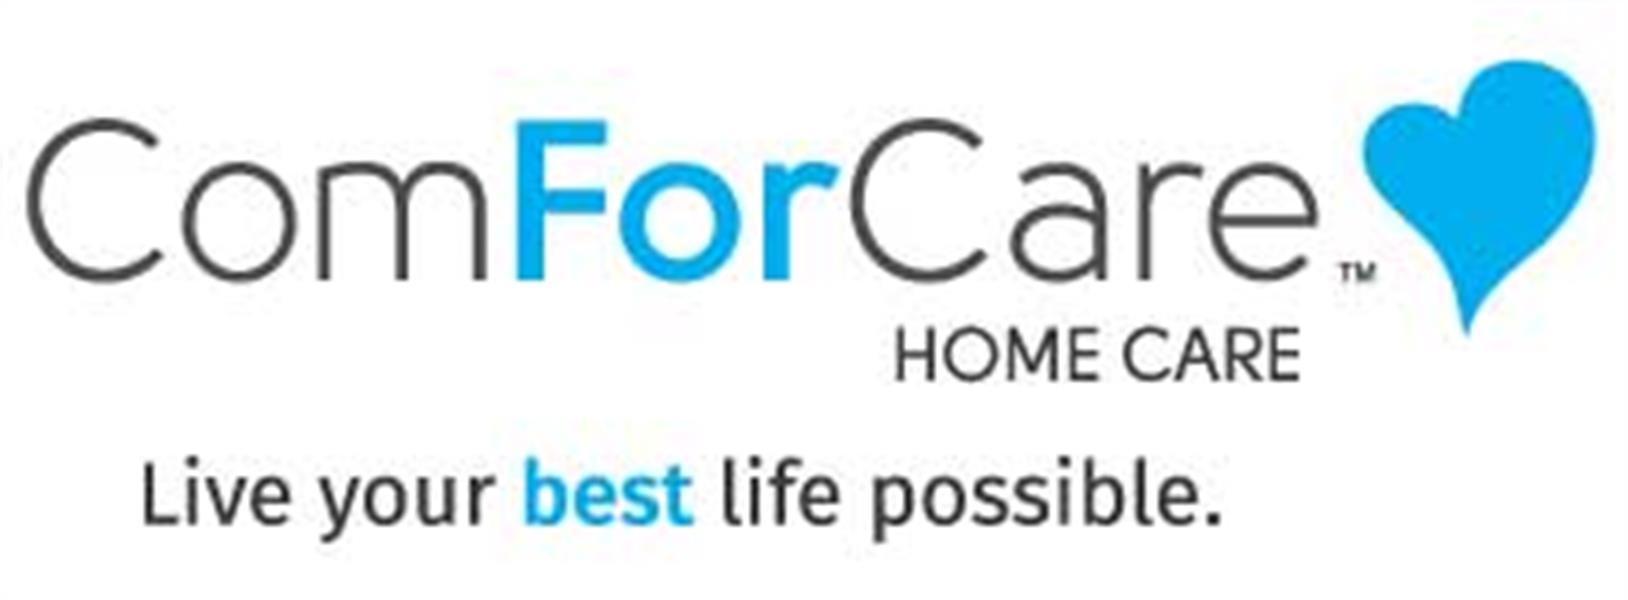 ComForCare Home Care Tri-Valley Livermore